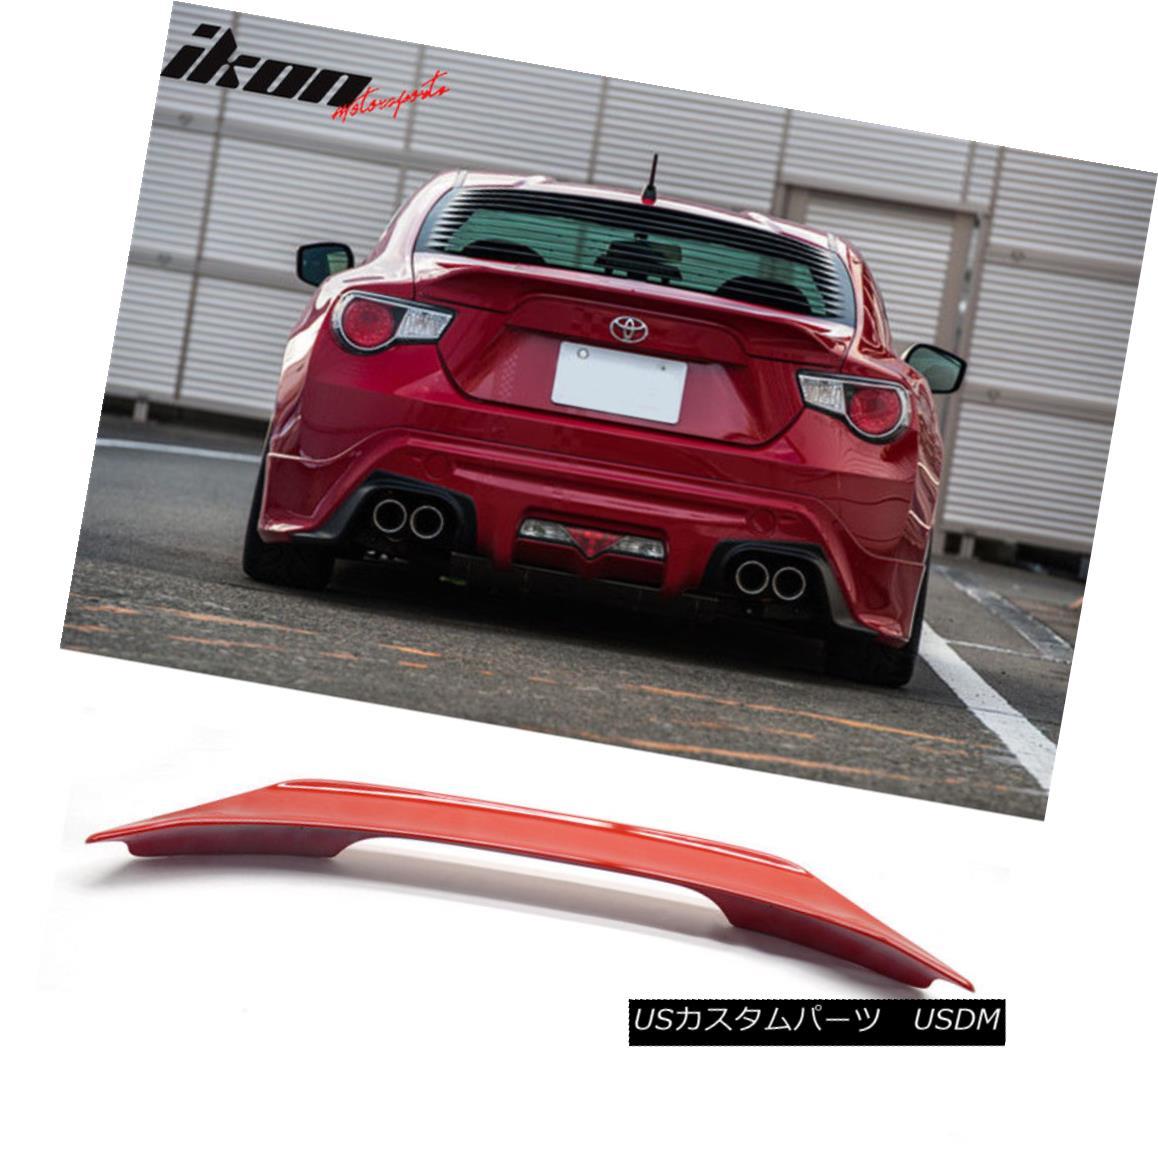 エアロパーツ Fit For 13-15 Scion FRS Subaru BRZ TR Trunk Spoiler Lightning Red Firestorm #C7P 13-15サイオンFRSスバル用フィットBRZ TRトランク・スポイラーライトニング・ファイヤーストーム#C7P